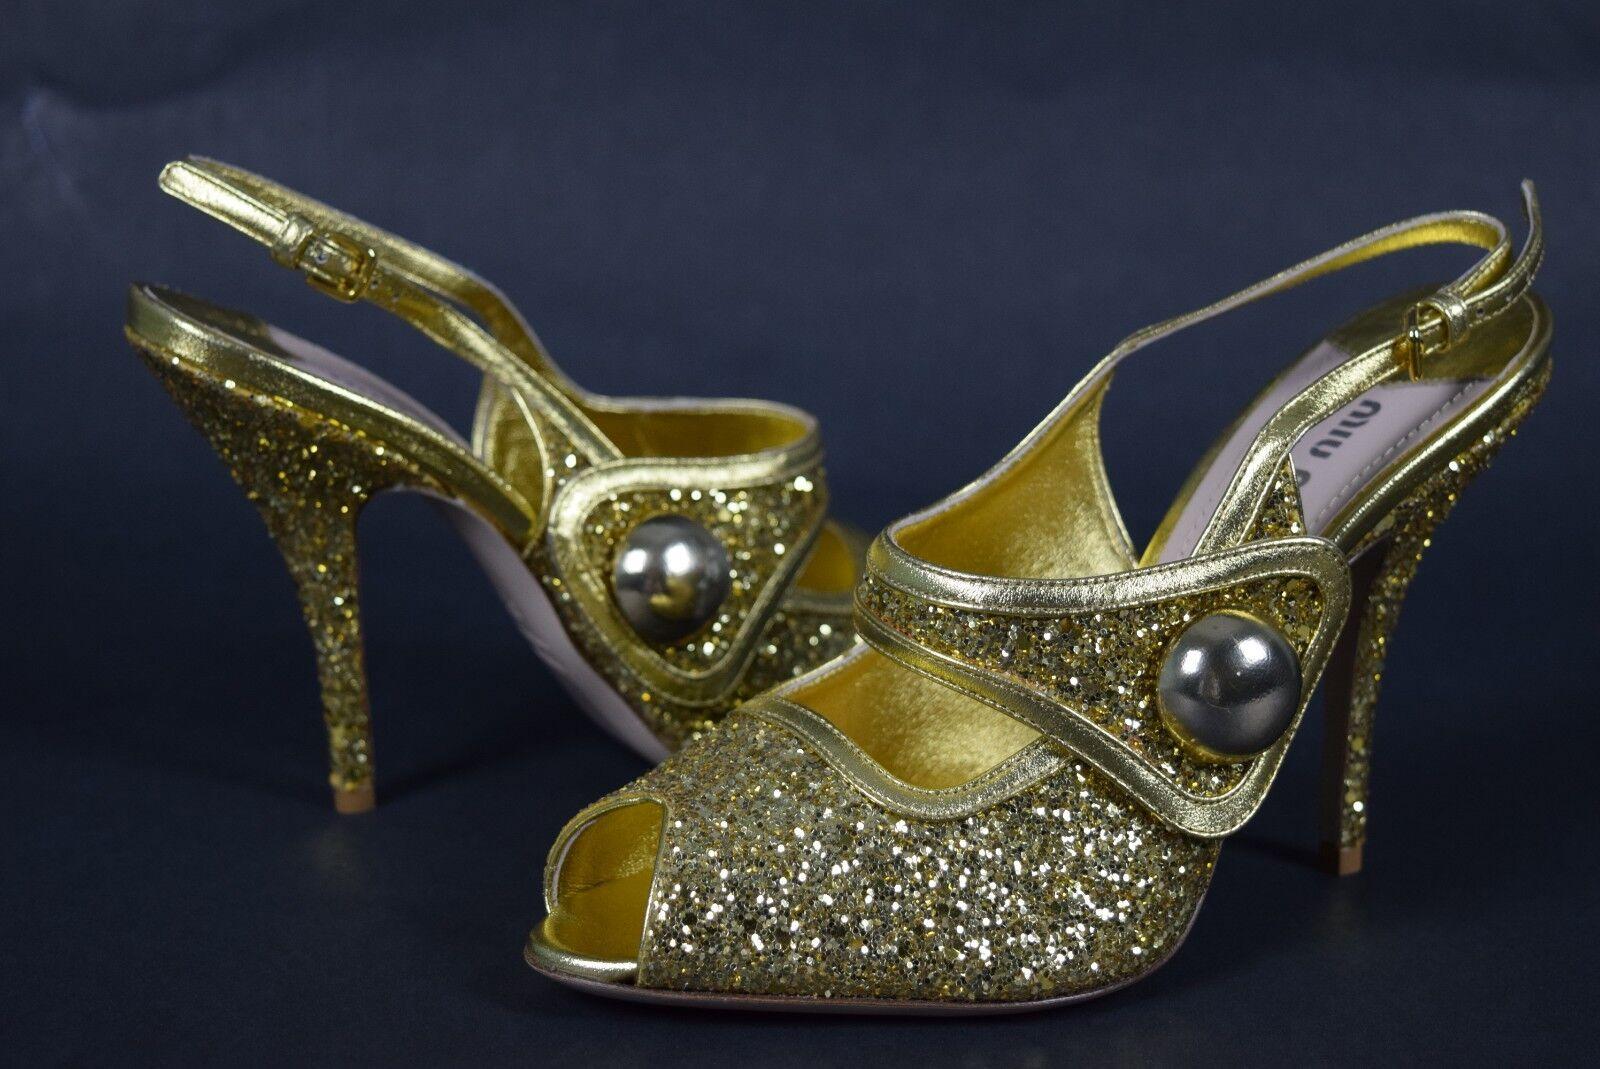 NIB Womens MIU MIU gold Glitter Sparkle Heels shoes  Made In  sz 7.5 US